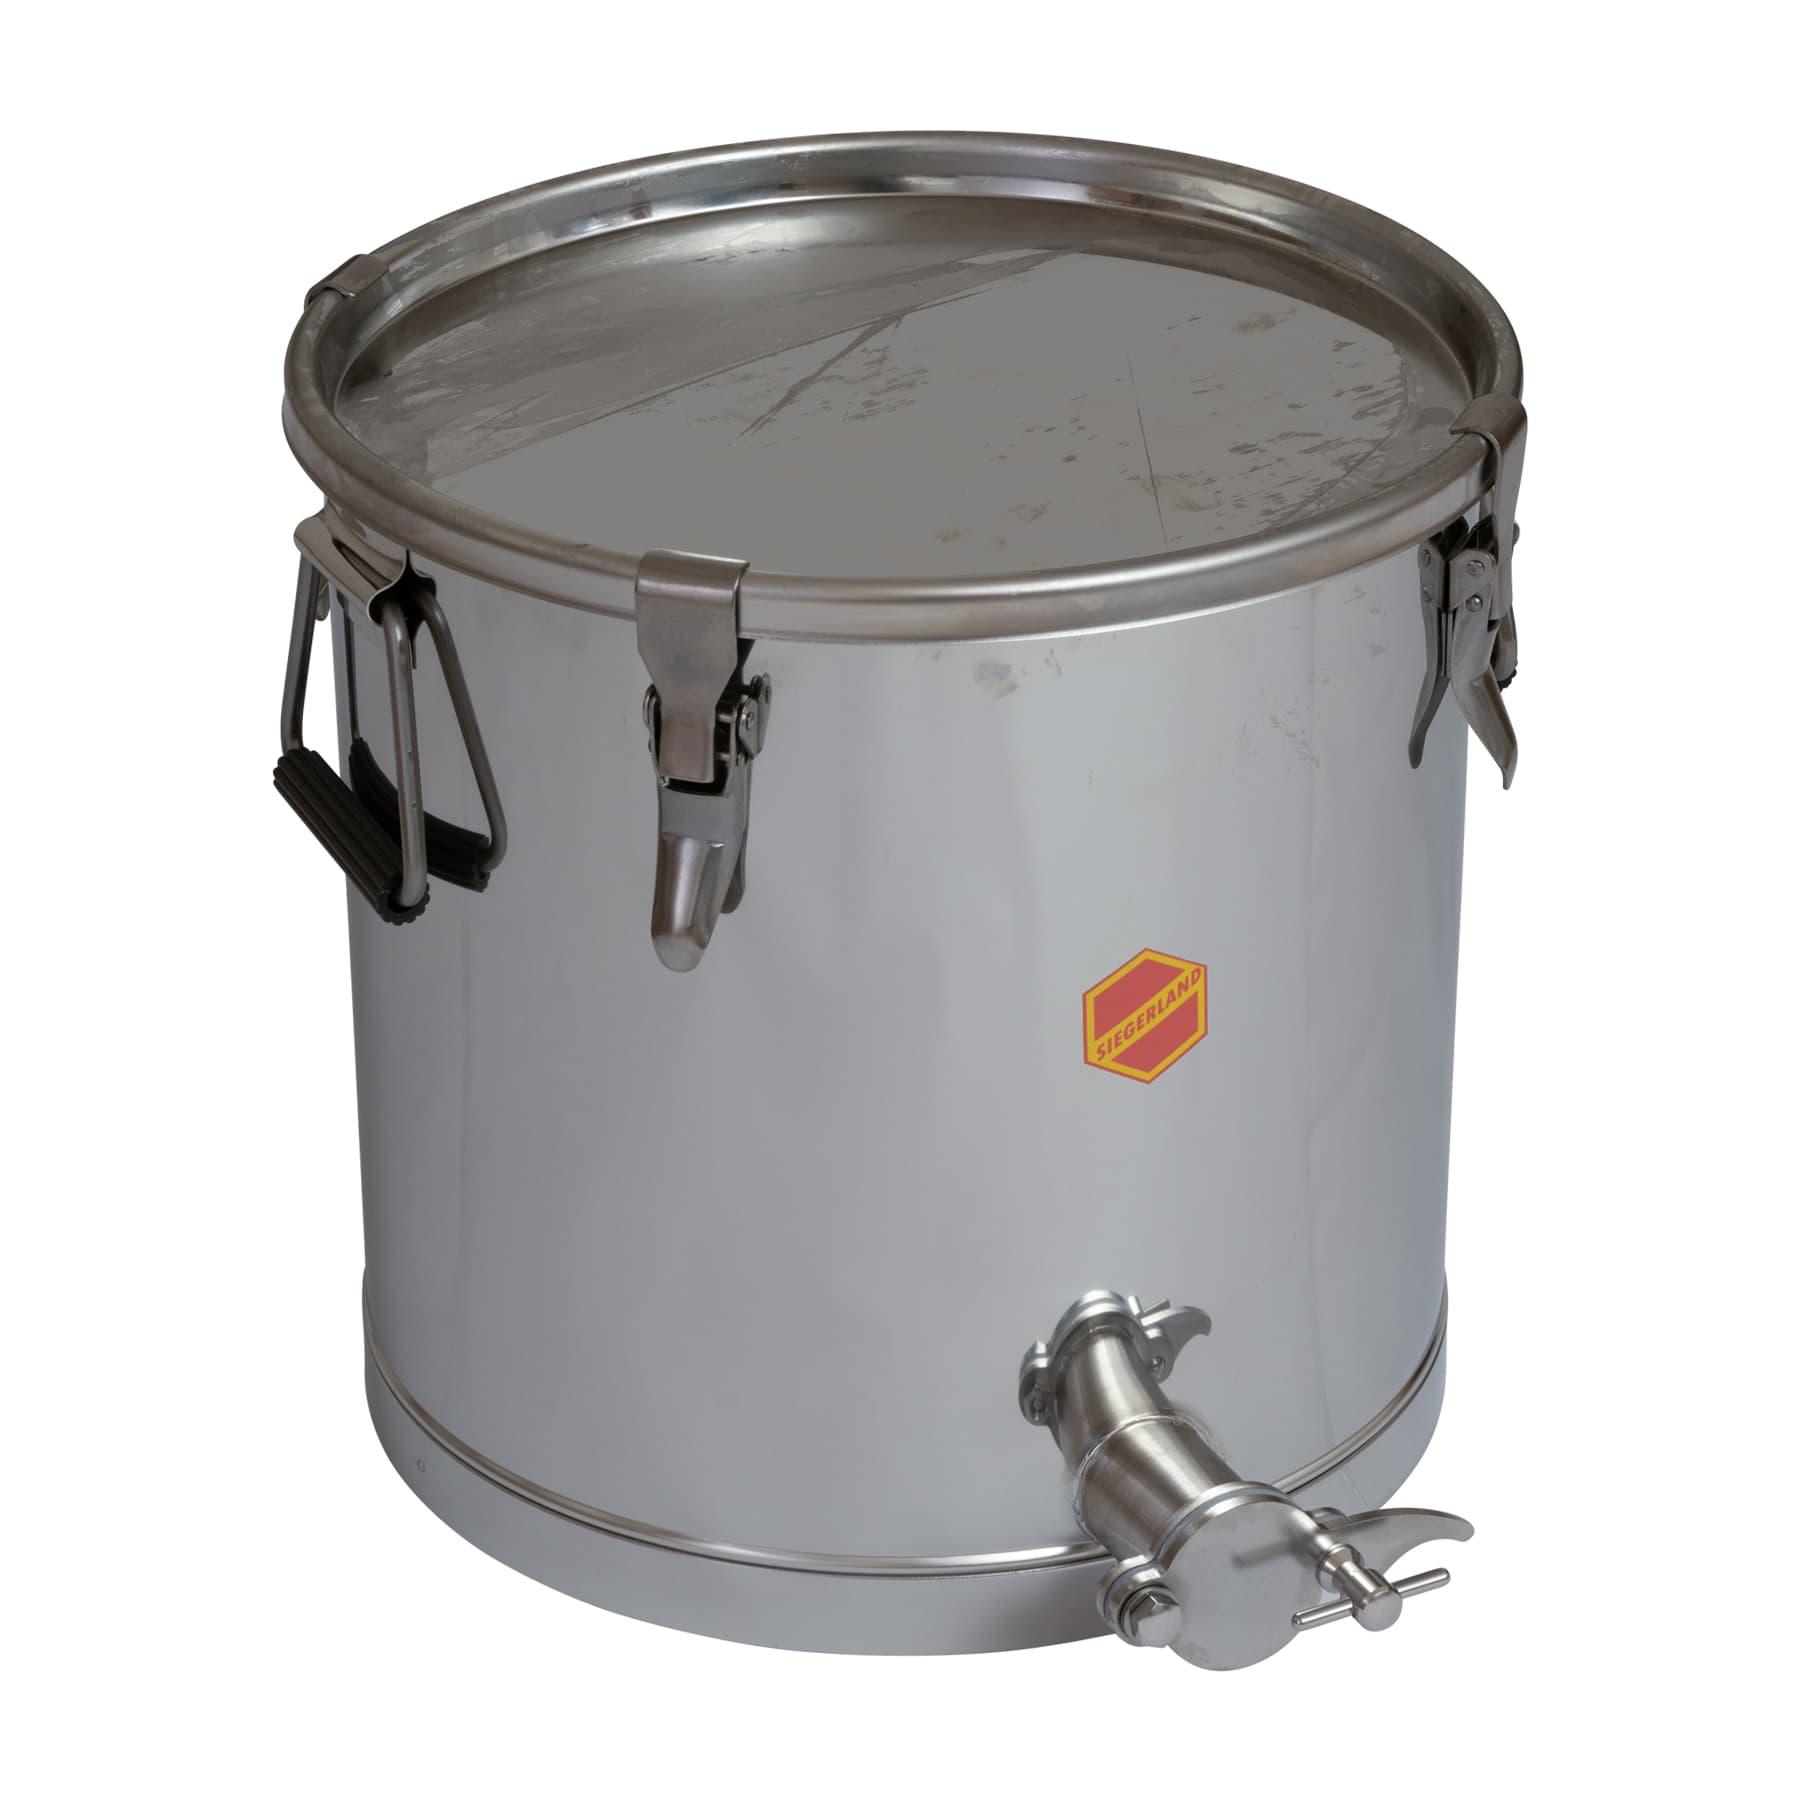 Abfüllbehälter  25 kg mit Spannverschlüssen, Original Siegeland